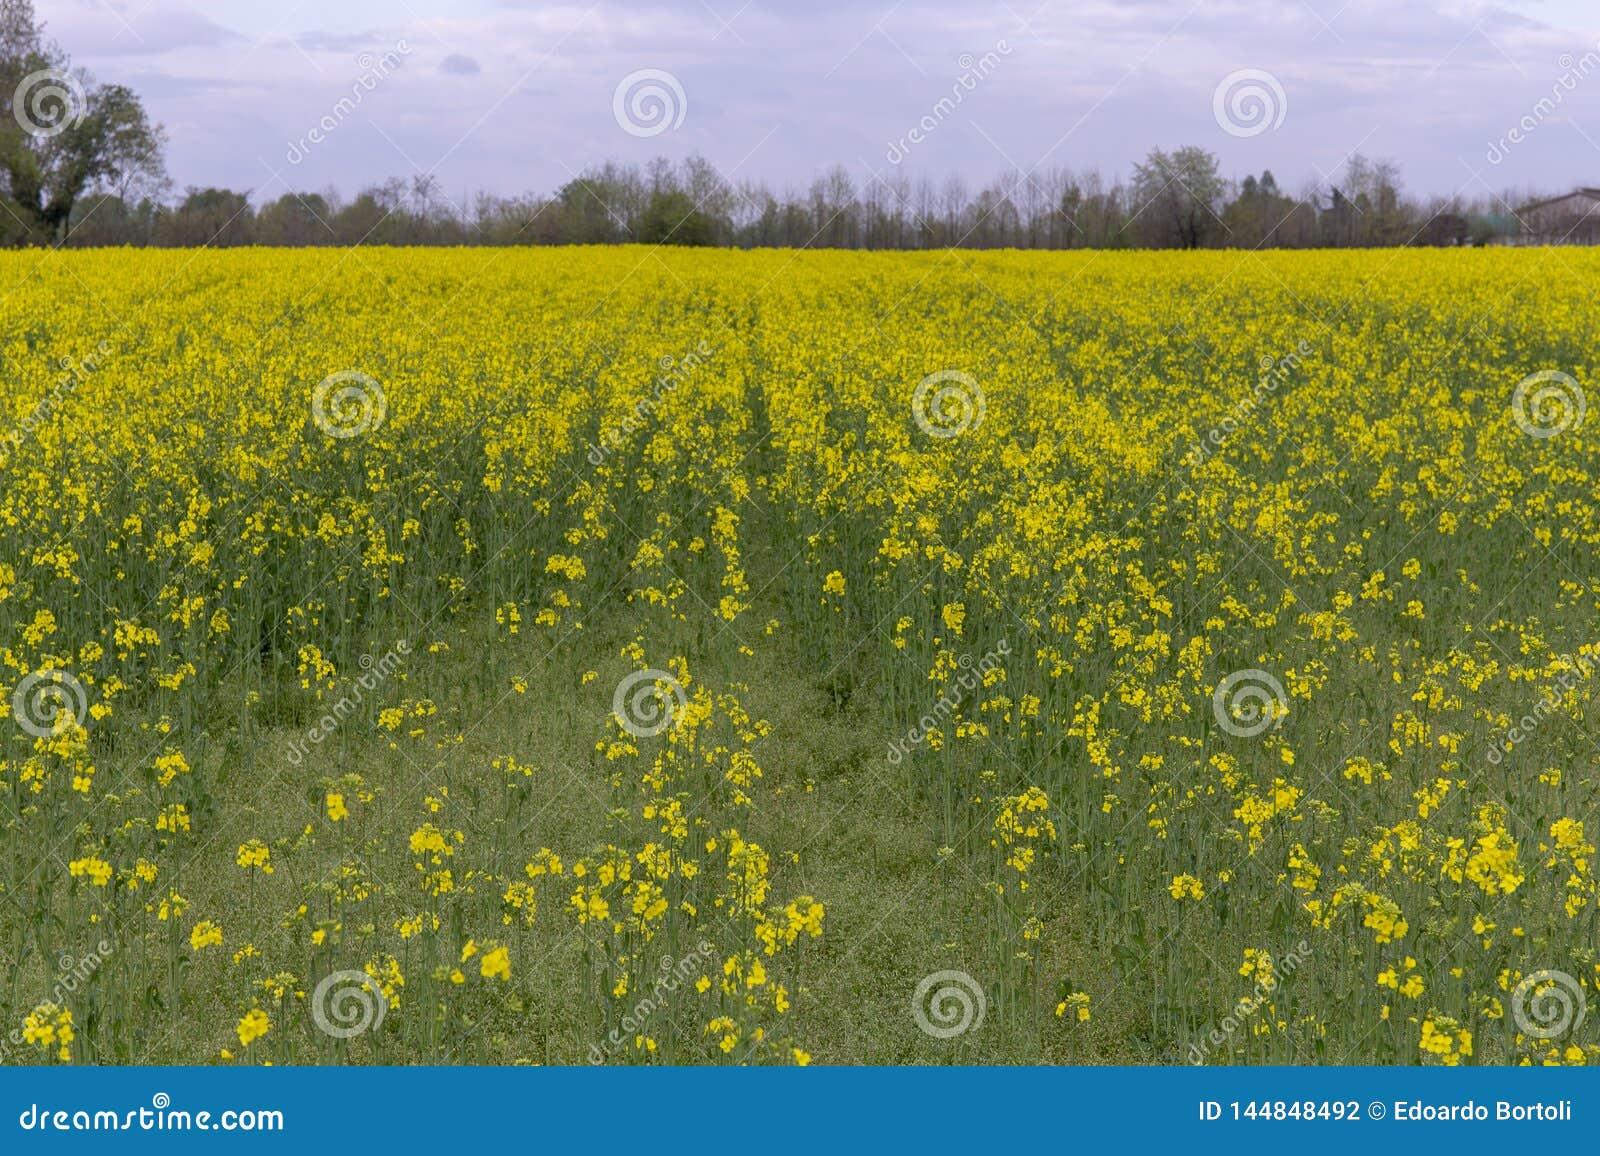 Wild rape in the fields